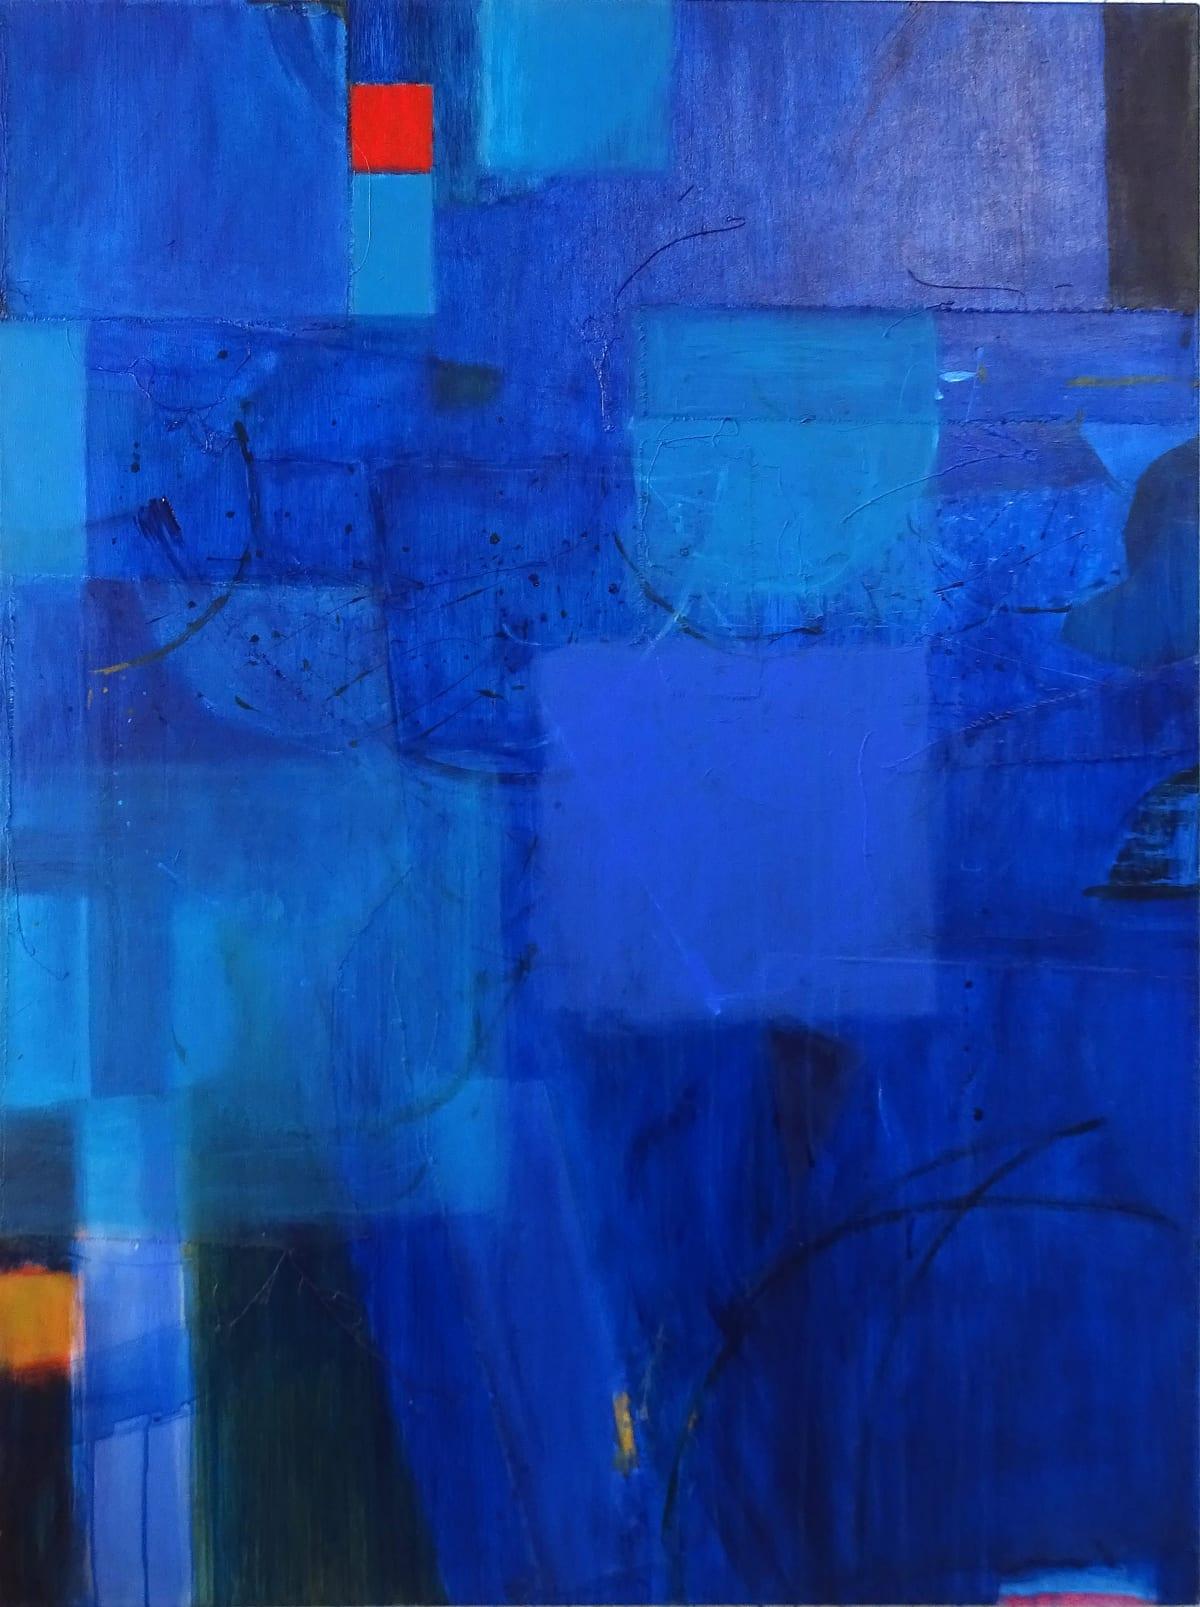 Martyn Brewster, Evening Shadows no. 2, 2019